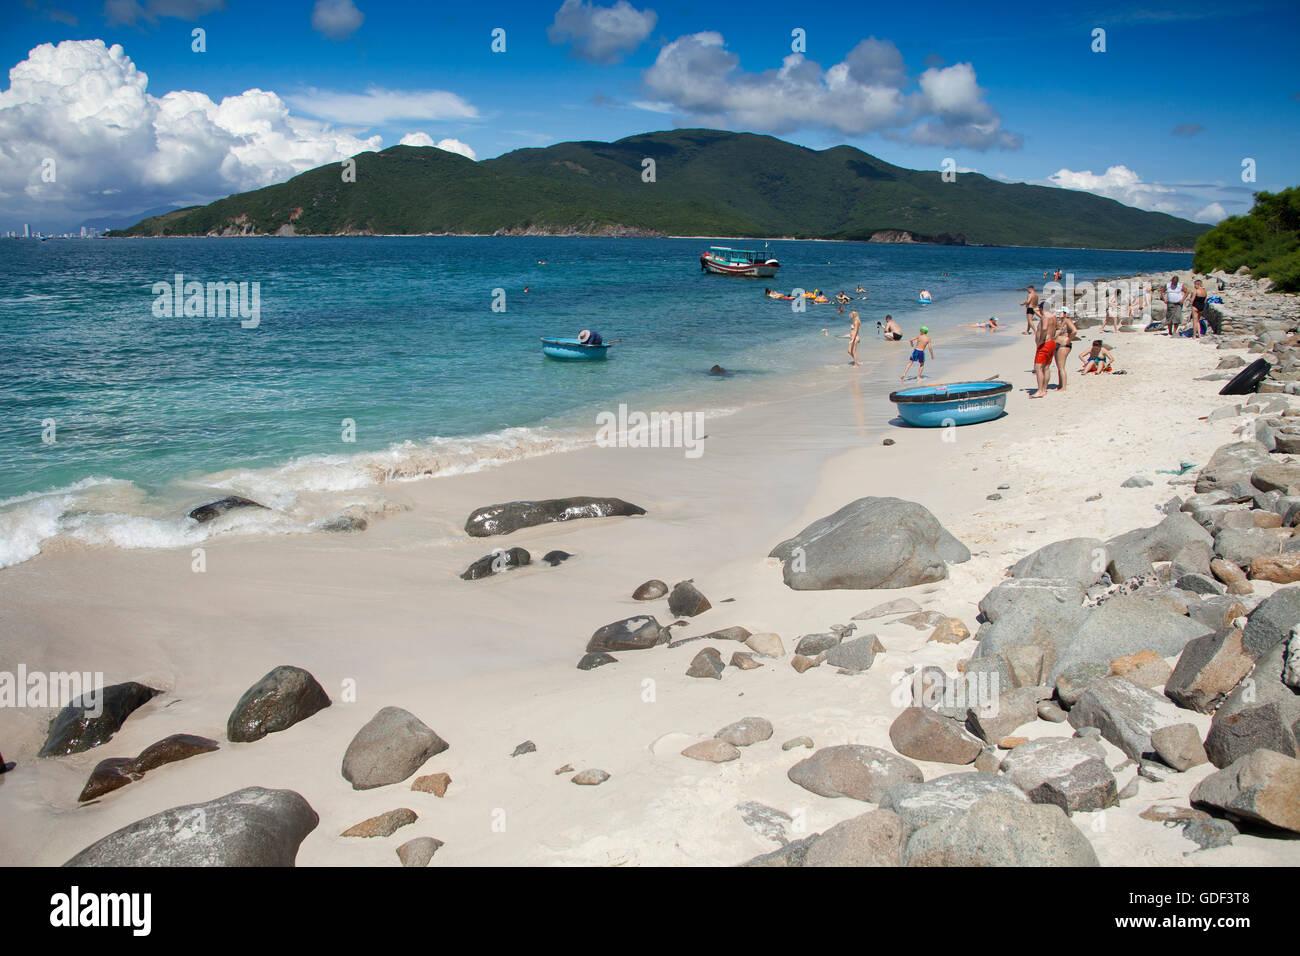 Beach, island of Hon Mun, Nha Trang Bay, South China Sea, Nha Trang, Vietnam - Stock Image